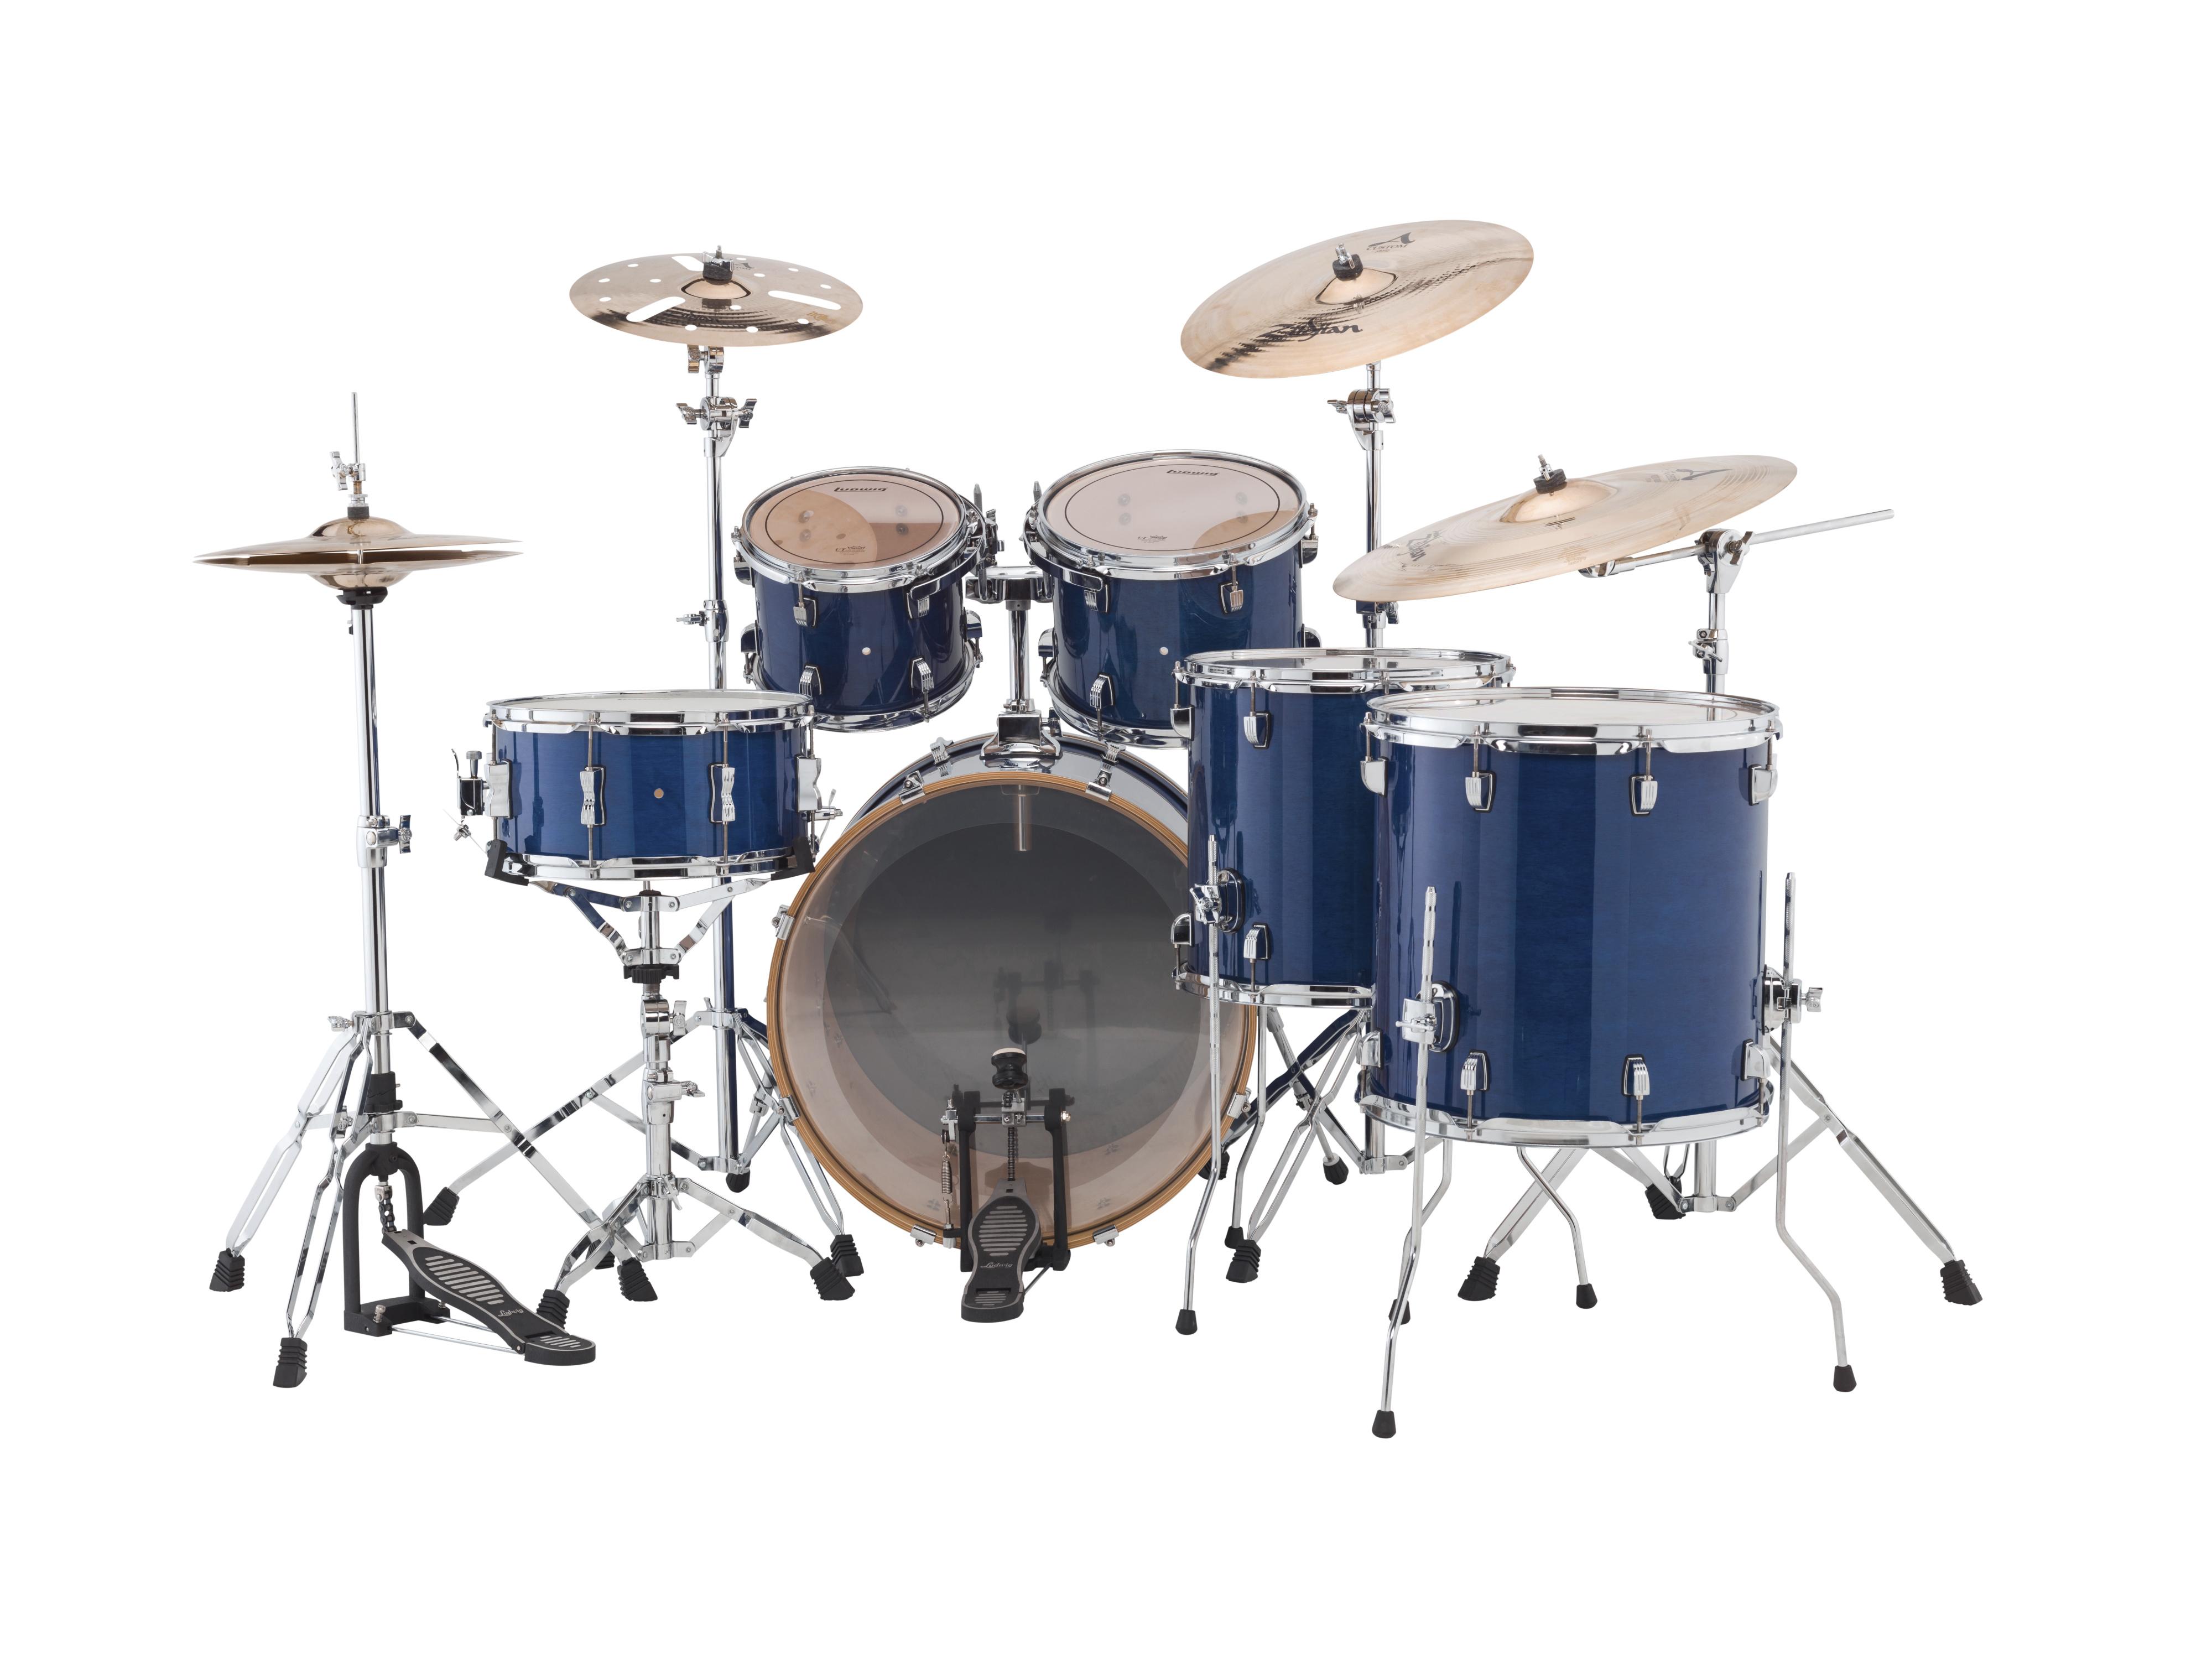 ludwig drums evolution maple. Black Bedroom Furniture Sets. Home Design Ideas